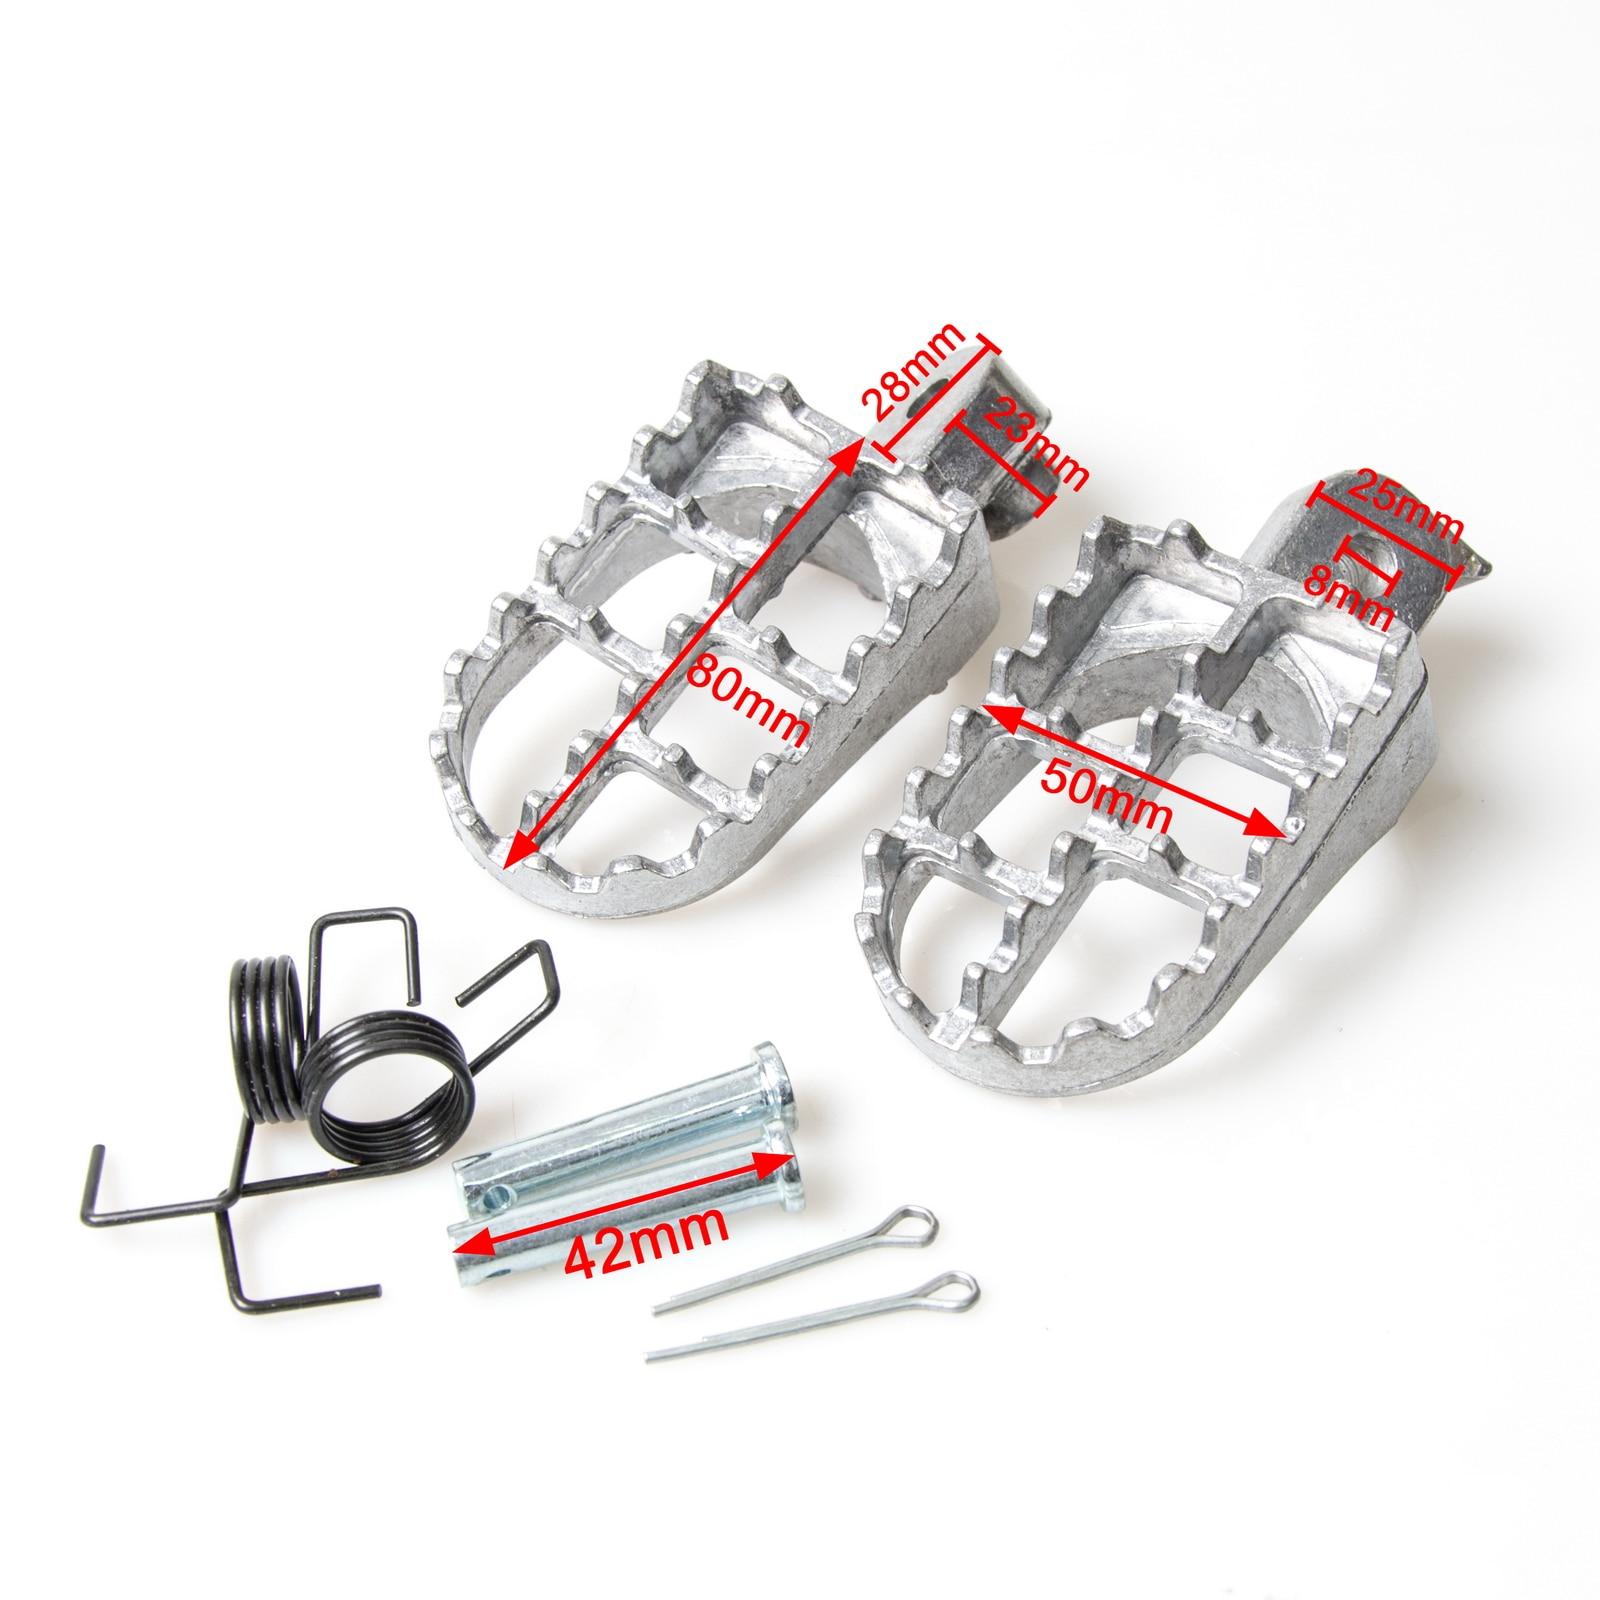 Foot Rests Pegs Footpegs For Honda XR50R CRF50 CRF70 CRF80 CRF100F CRF 50 70 80 100F XR 50R For Yamaha PW50 PW80 TW200 Dirt Bike